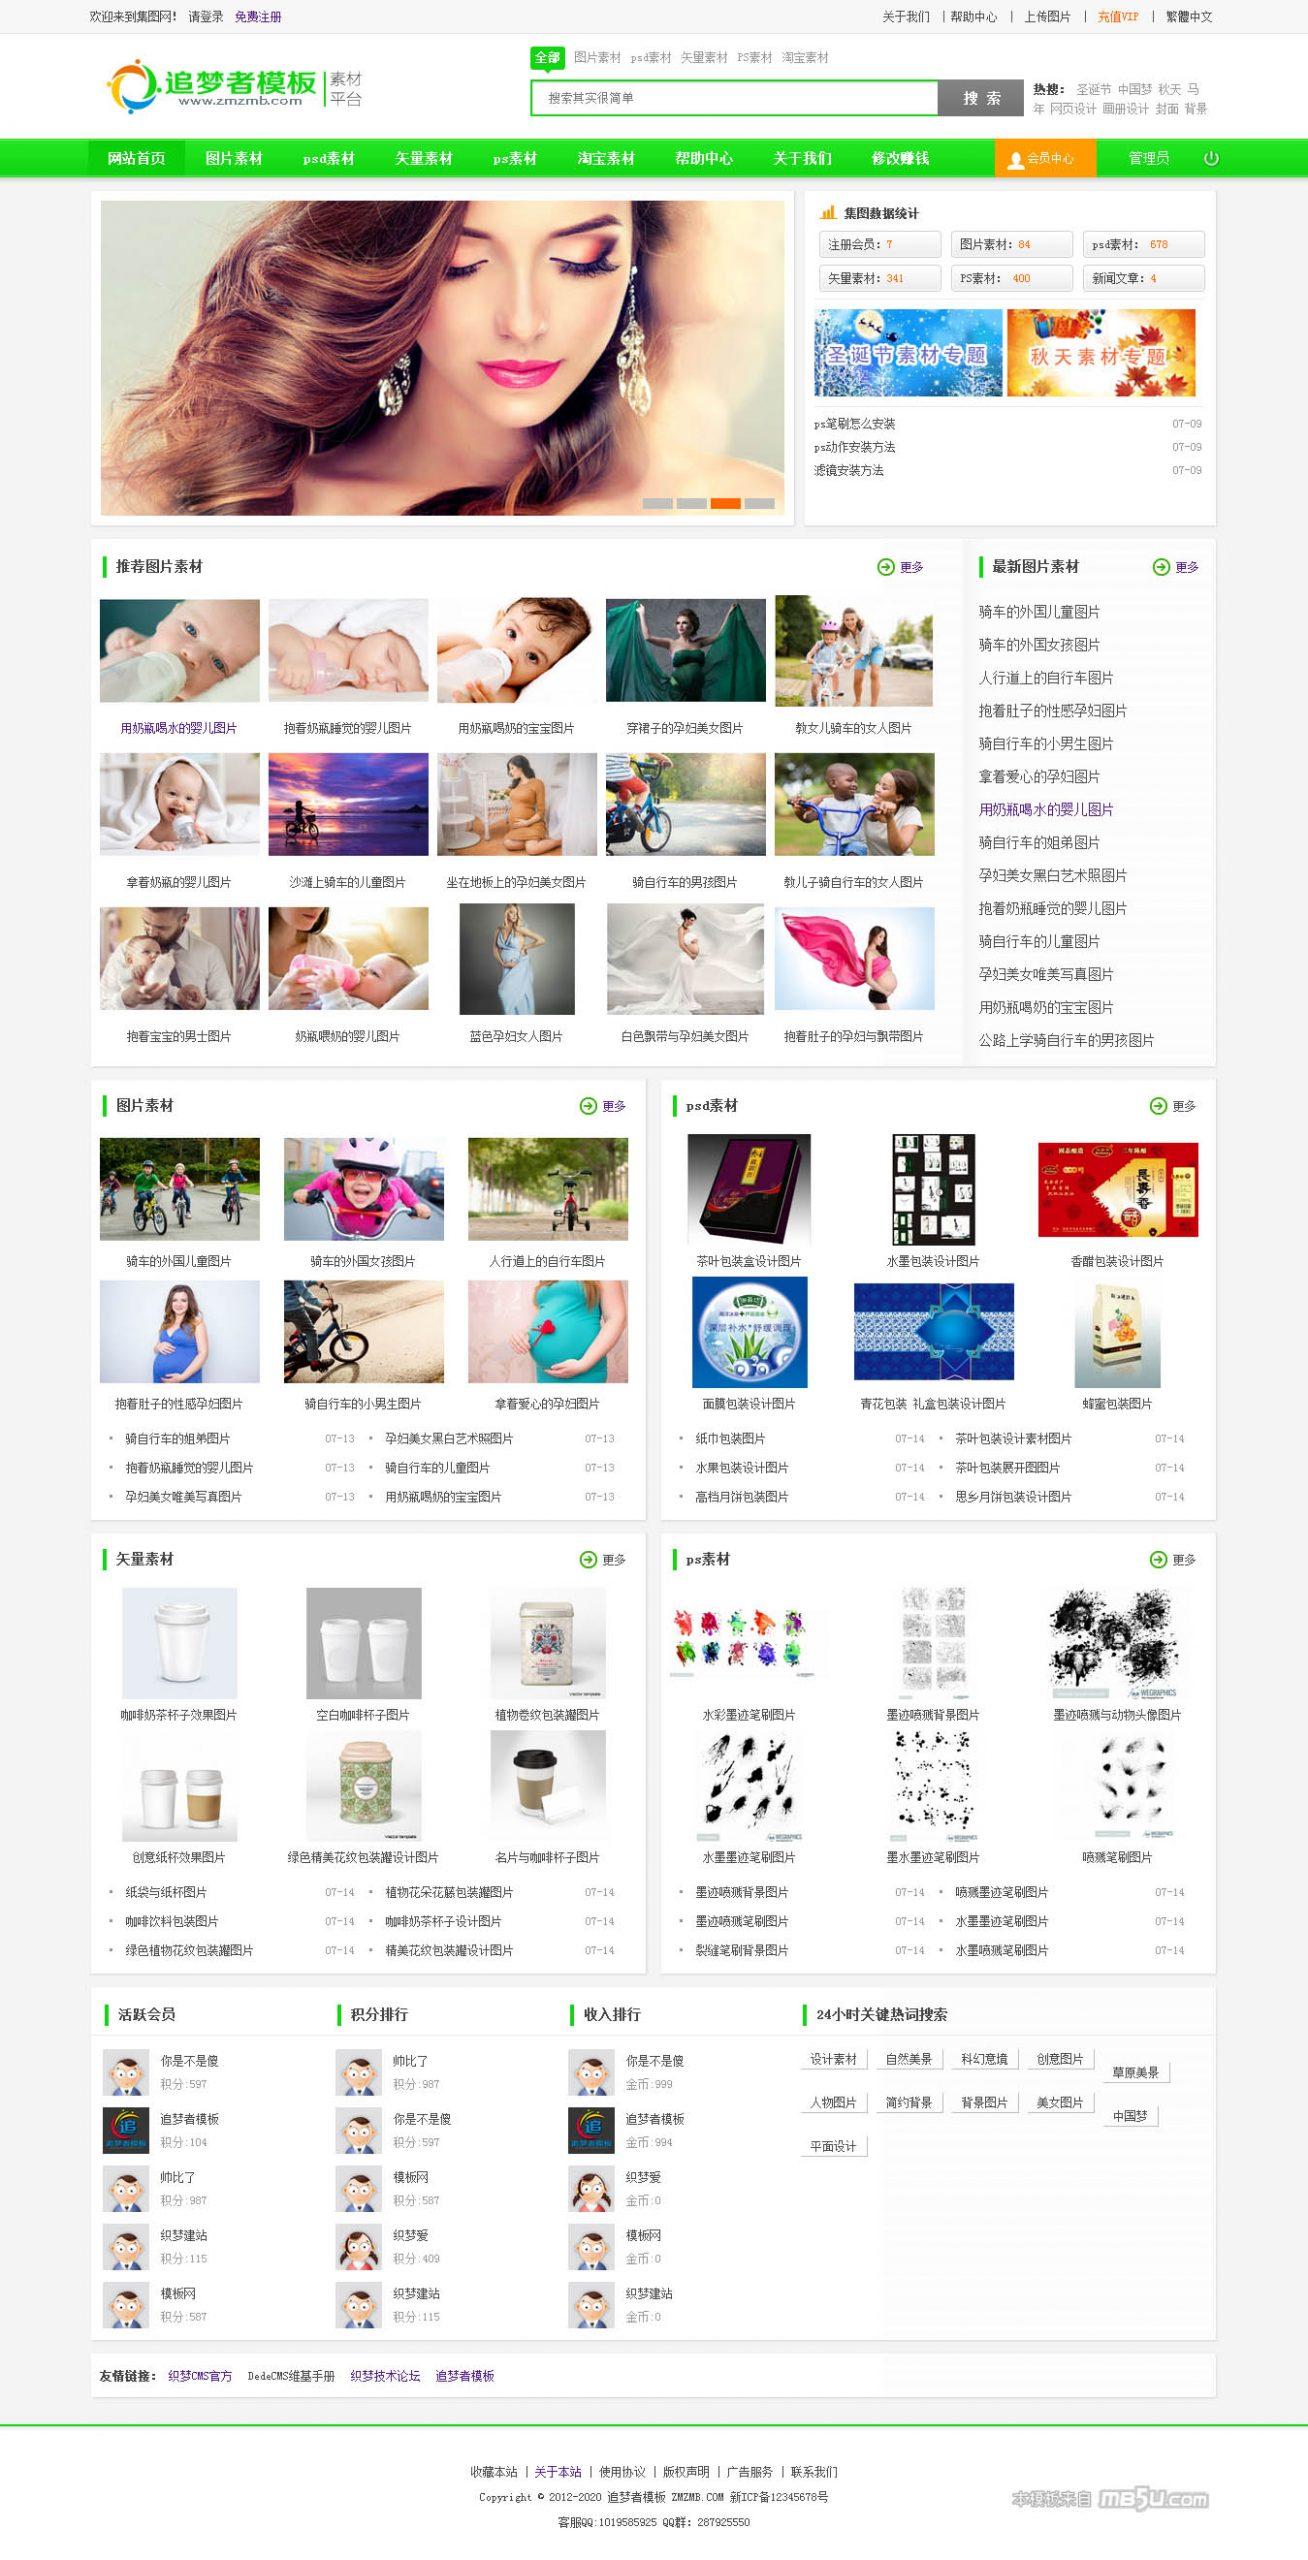 织梦dedecms仿集图网图片素材下载网站模板 带会员中心带筛选